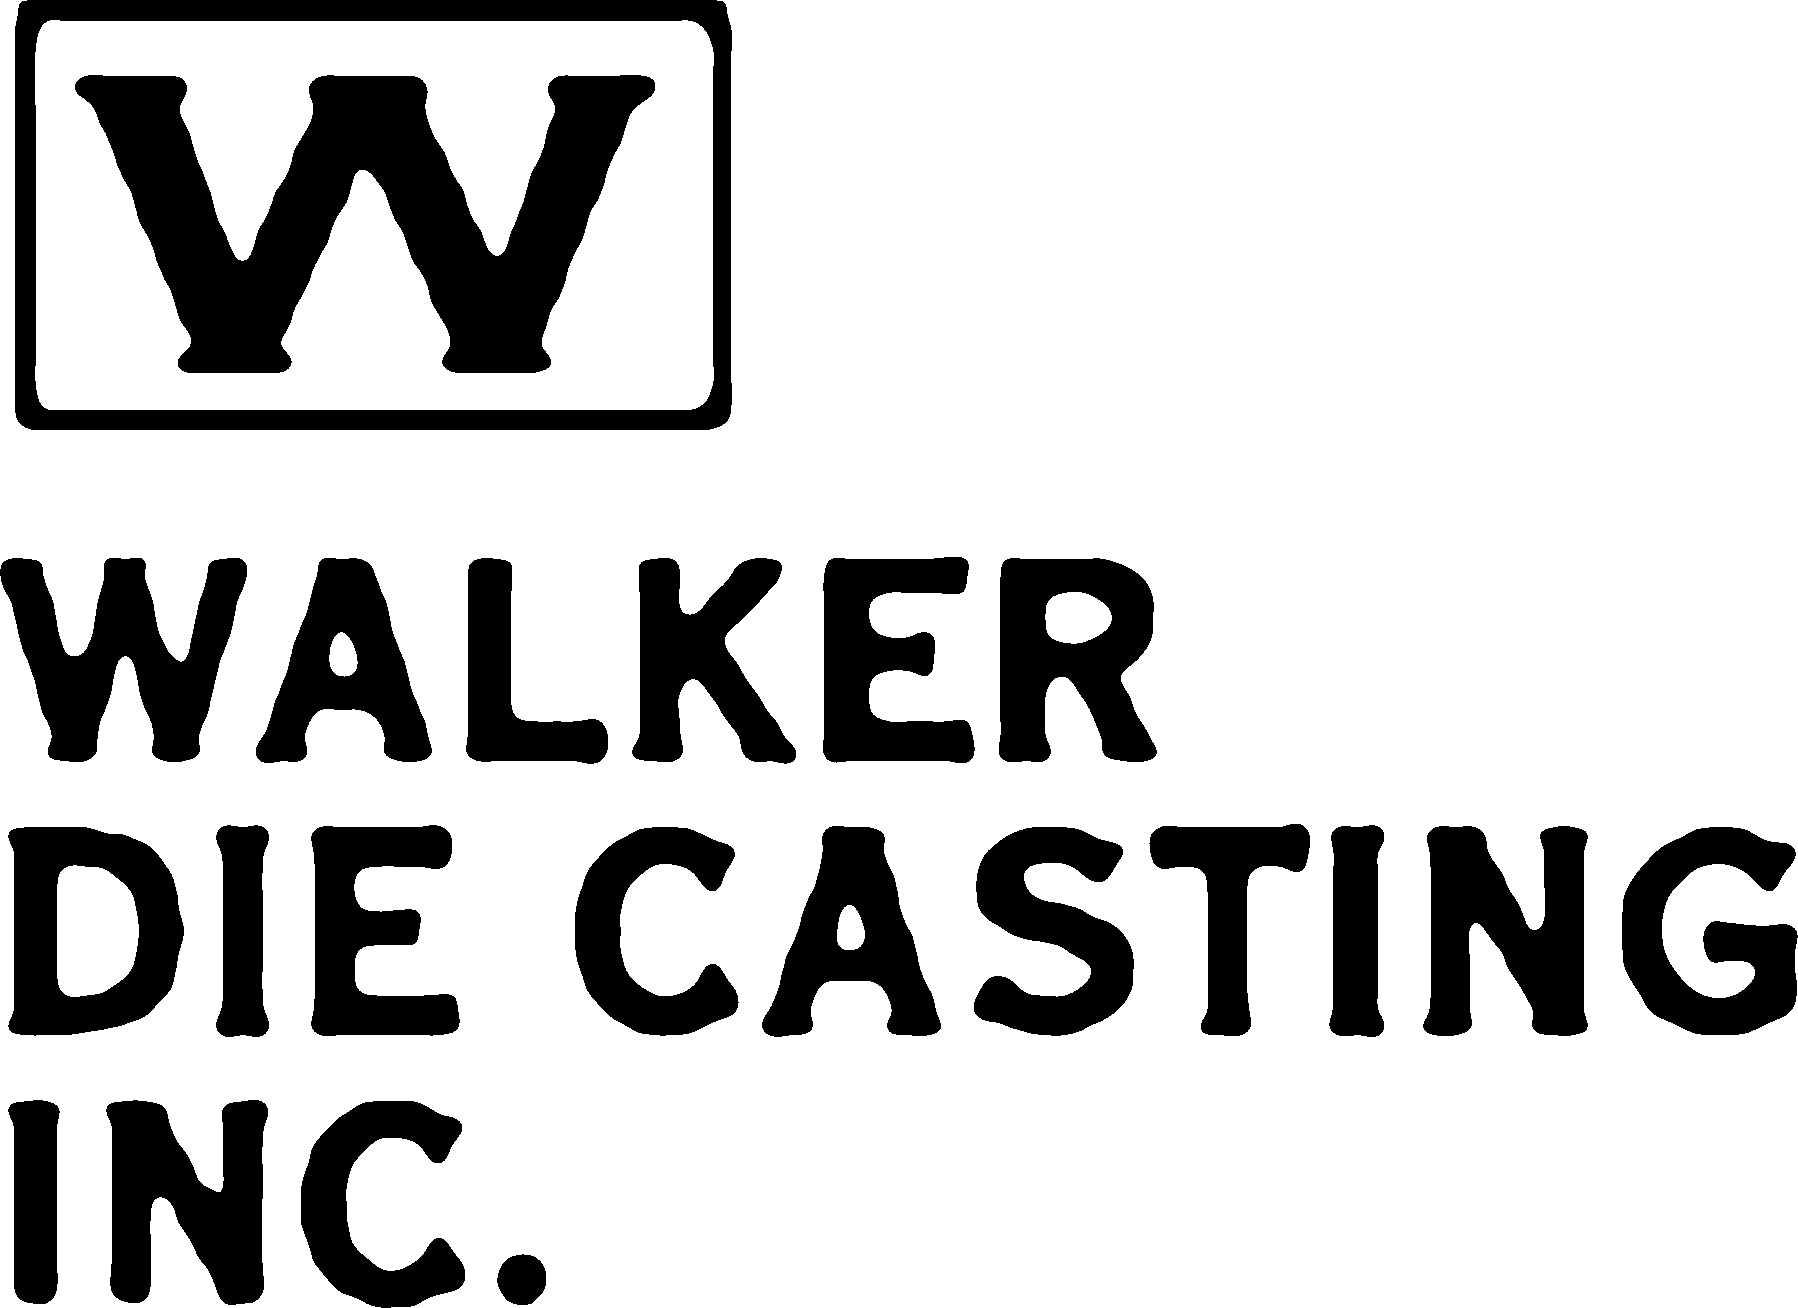 Walker Die Casting, Inc.